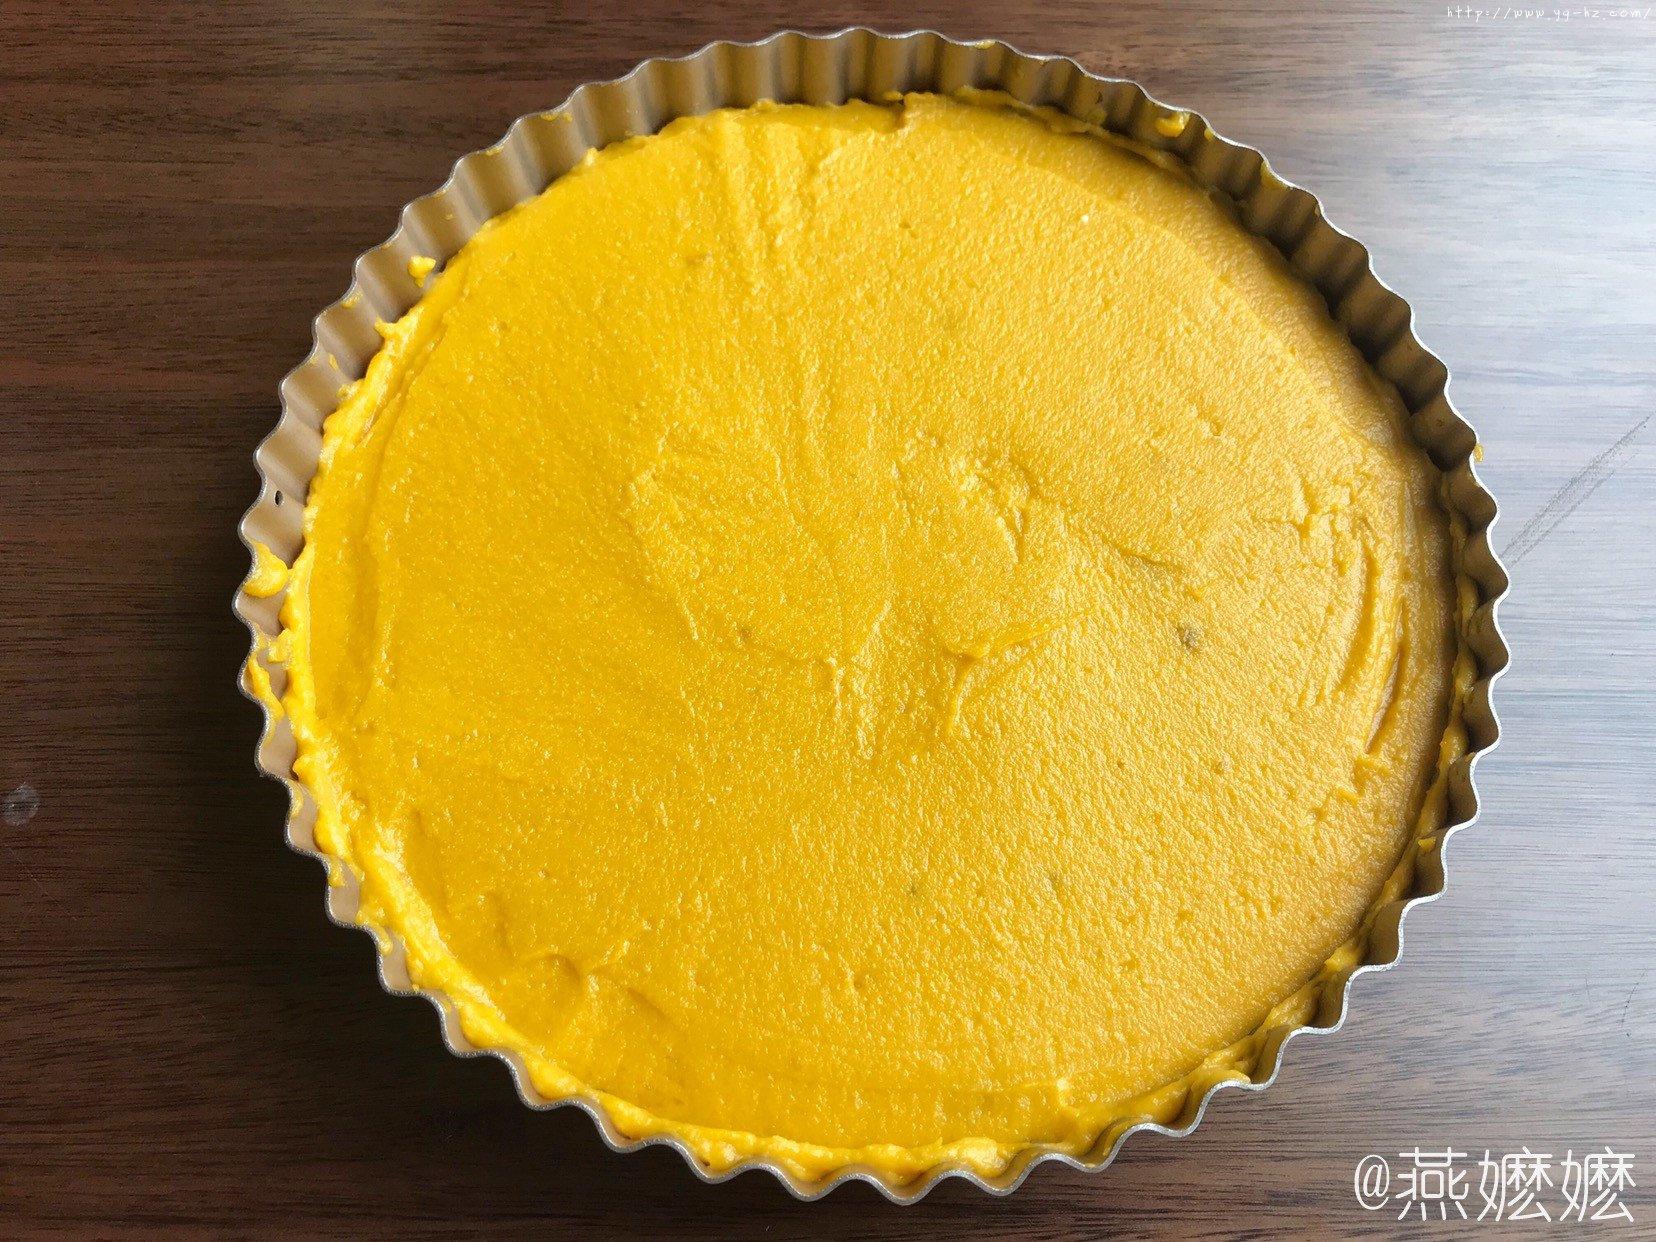 乳酪南瓜挞的做法 步骤11